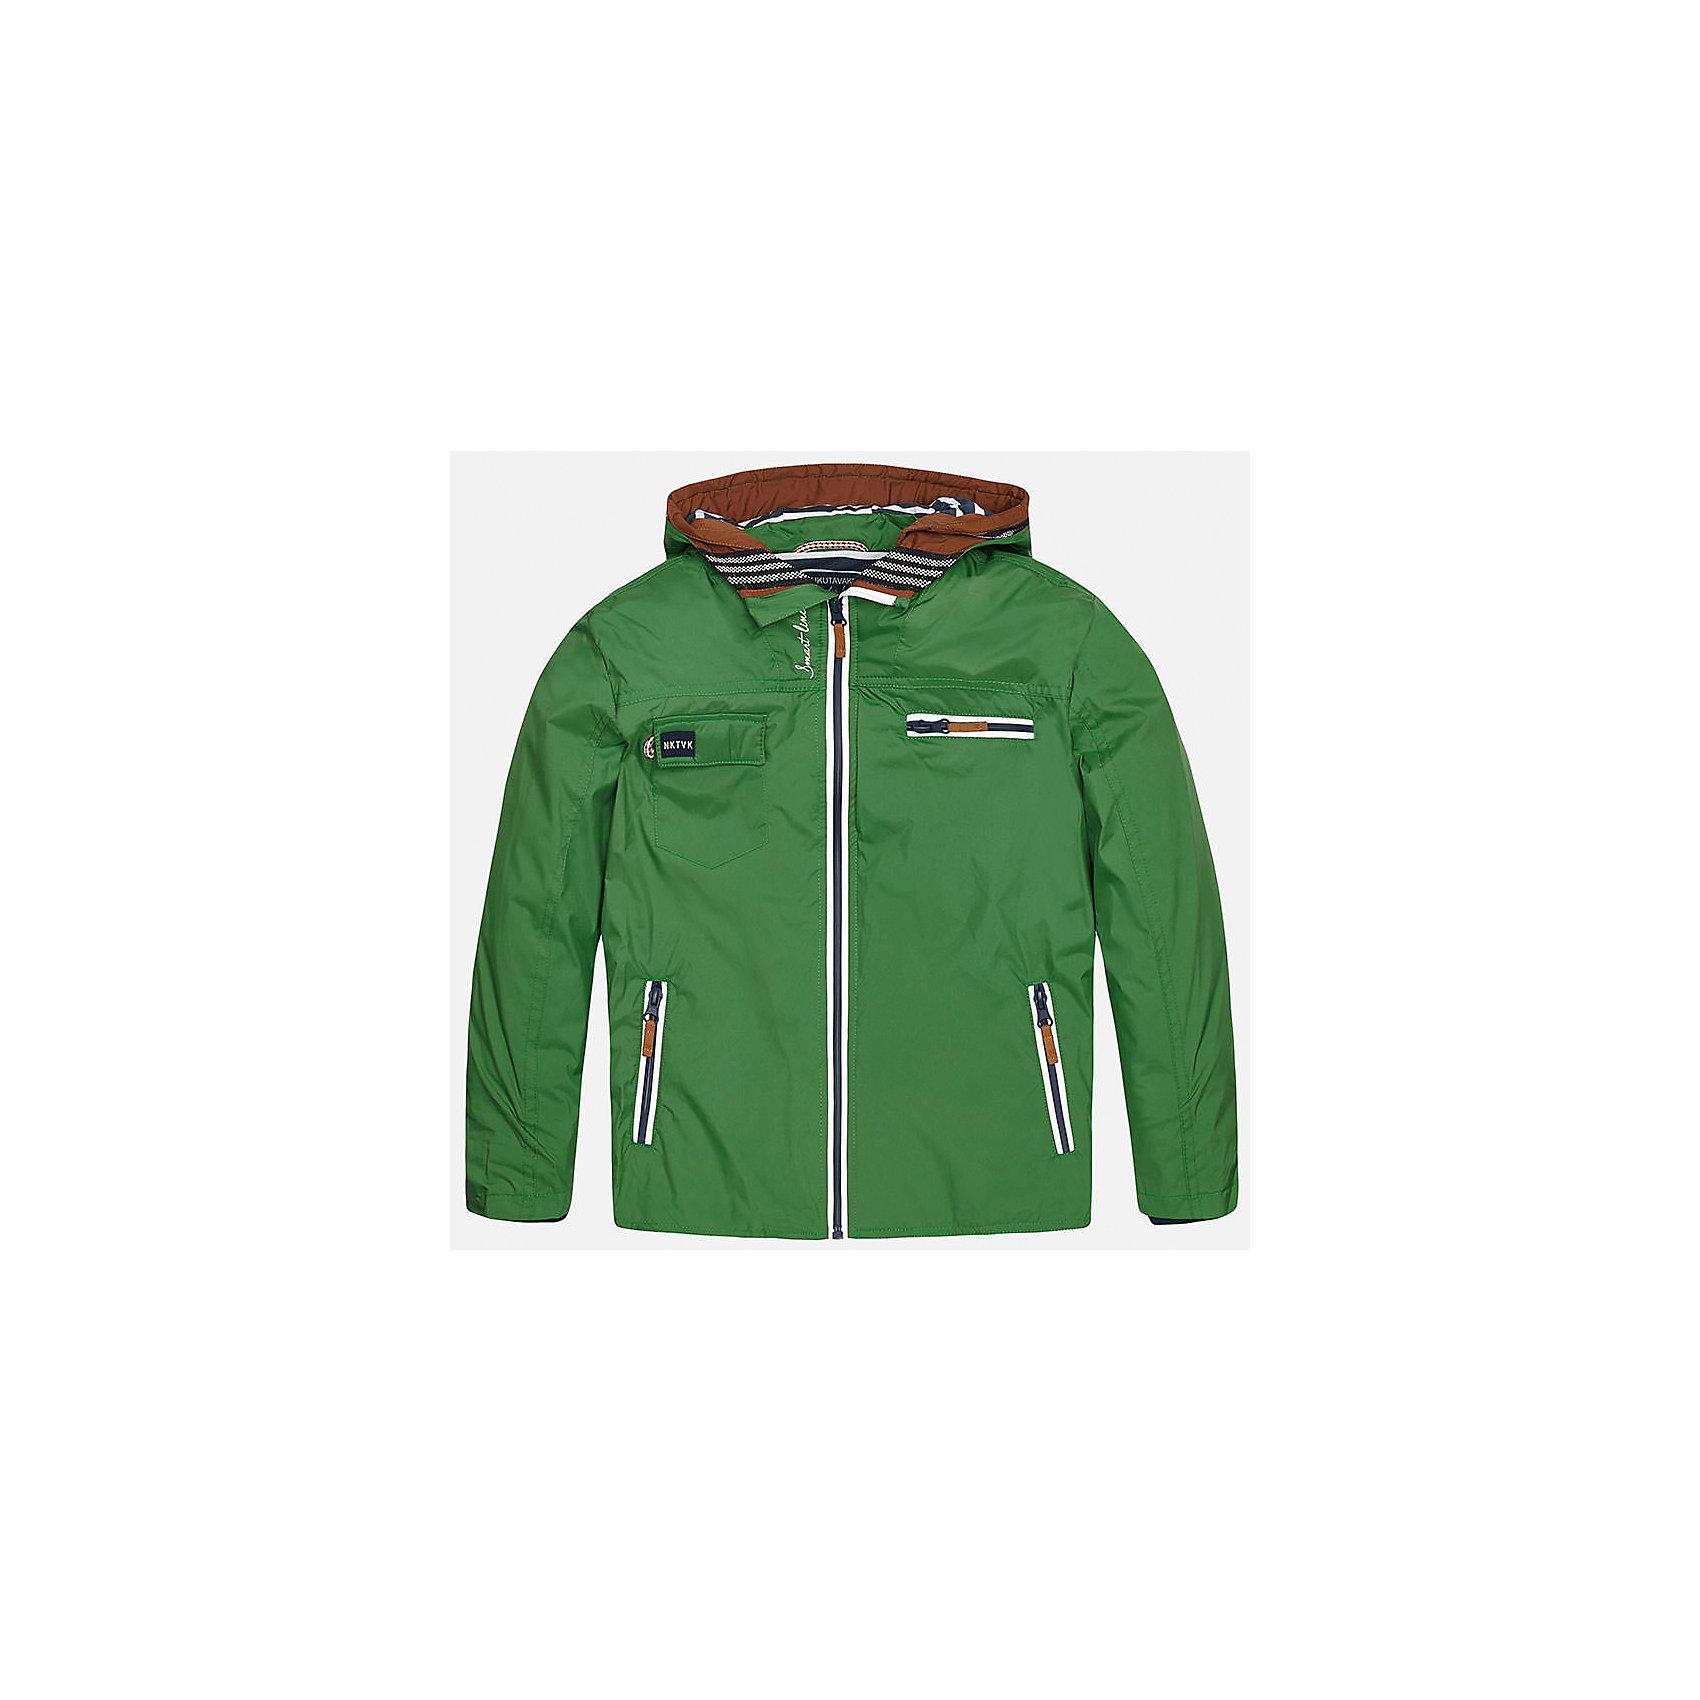 Ветровка для мальчика MayoralХарактеристики товара:<br><br>• цвет: зеленый<br>• состав: 100% полиэстер, подкладка - 35% хлопок, 65% полиэстер<br>• капюшон<br>• карманы<br>• застежка: молния<br>• вышивка<br>• страна бренда: Испания<br><br>Модная куртка для мальчика может стать базовой вещью в гардеробе ребенка. Она отлично сочетается с майками, футболками, рубашками и т.д. Универсальный крой и цвет позволяет подобрать к вещи низ разных расцветок. Практичное и стильное изделие! В составе материала - натуральный хлопок, гипоаллергенный, приятный на ощупь, дышащий.<br><br>Одежда, обувь и аксессуары от испанского бренда Mayoral полюбились детям и взрослым по всему миру. Модели этой марки - стильные и удобные. Для их производства используются только безопасные, качественные материалы и фурнитура. Порадуйте ребенка модными и красивыми вещами от Mayoral! <br><br>Ветровку для мальчика от испанского бренда Mayoral (Майорал) можно купить в нашем интернет-магазине.<br><br>Ширина мм: 356<br>Глубина мм: 10<br>Высота мм: 245<br>Вес г: 519<br>Цвет: зеленый<br>Возраст от месяцев: 156<br>Возраст до месяцев: 168<br>Пол: Мужской<br>Возраст: Детский<br>Размер: 170,140,128/134,164,158,152<br>SKU: 5282003